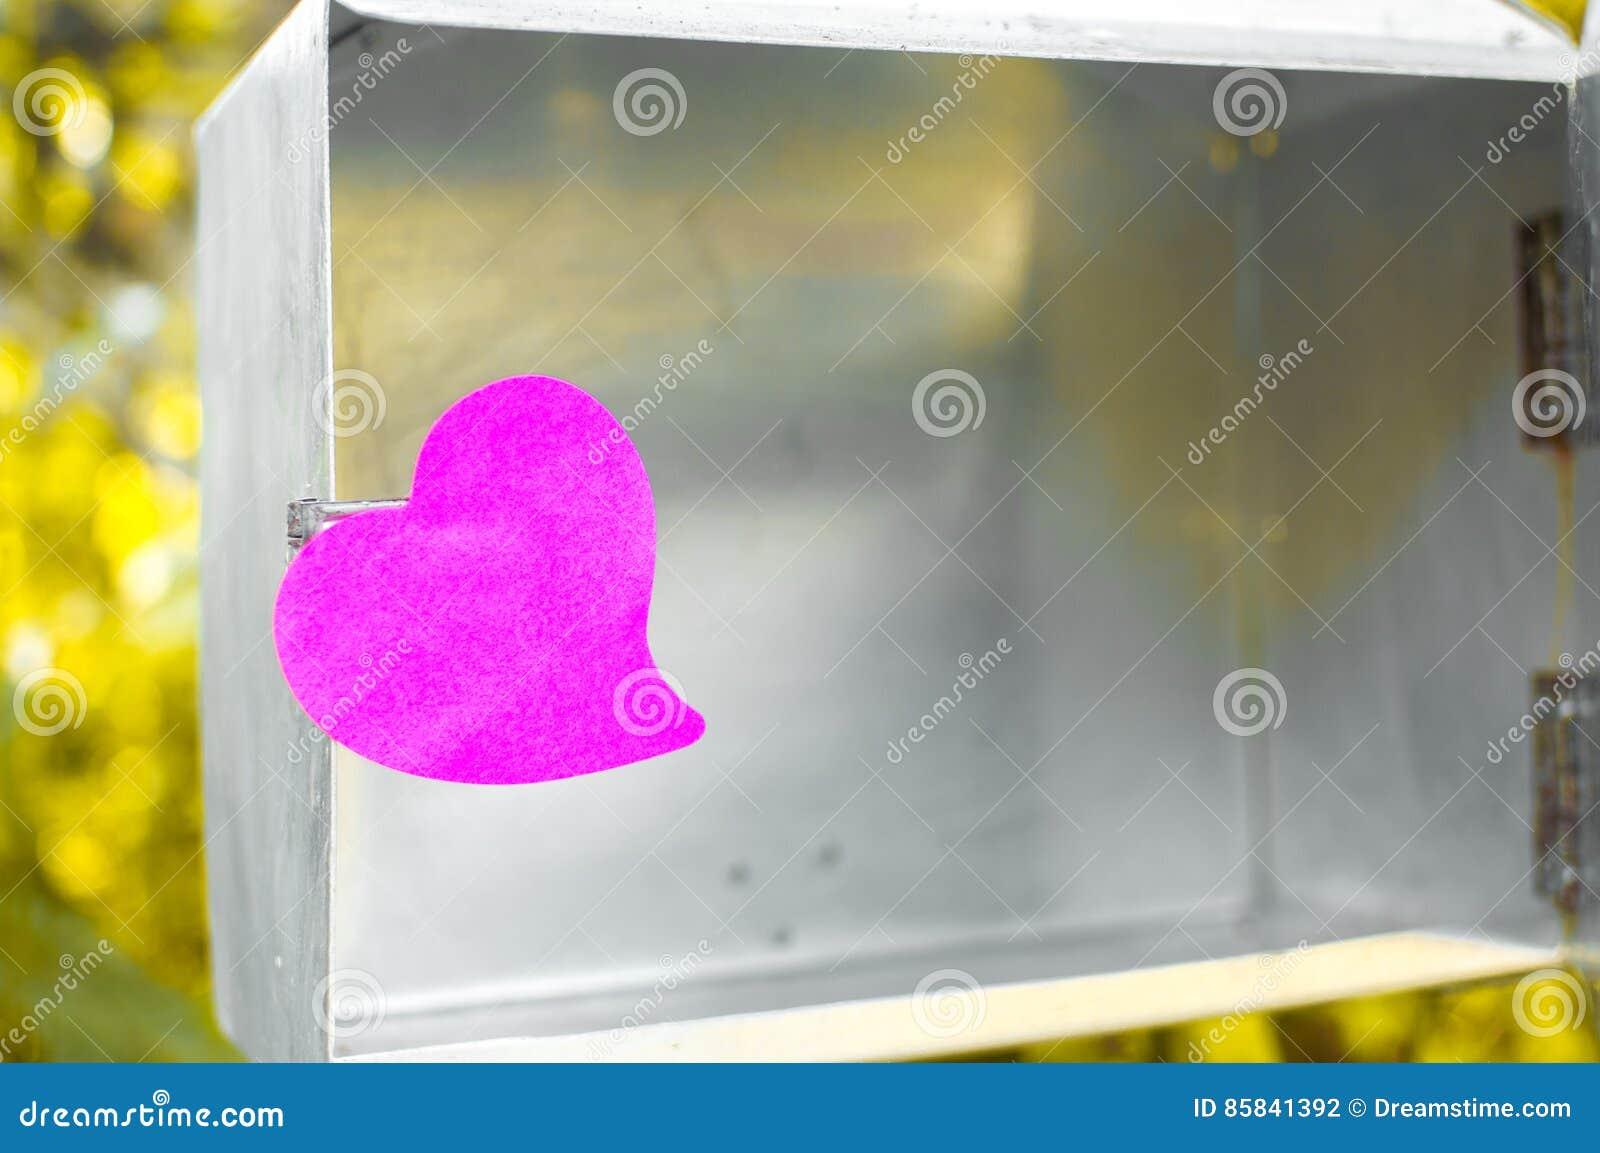 Blocco note in bianco o rosa appiccicoso delle note sul contenitore di posta con le sedere di luce solare